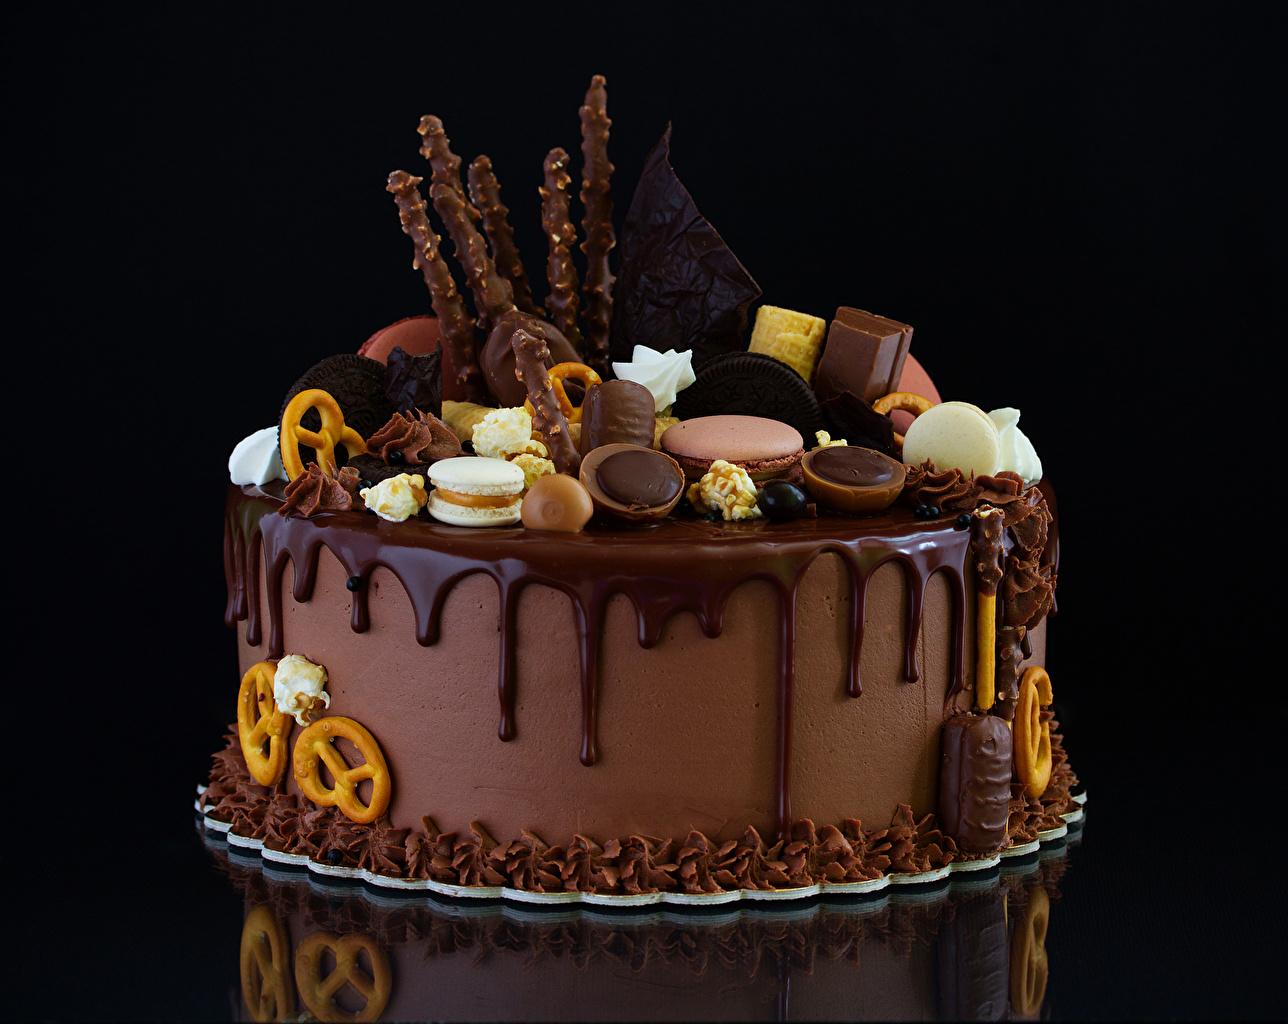 Фотографии Шоколад Торты Еда Печенье Сладости Черный фон Дизайн Пища Продукты питания сладкая еда на черном фоне дизайна